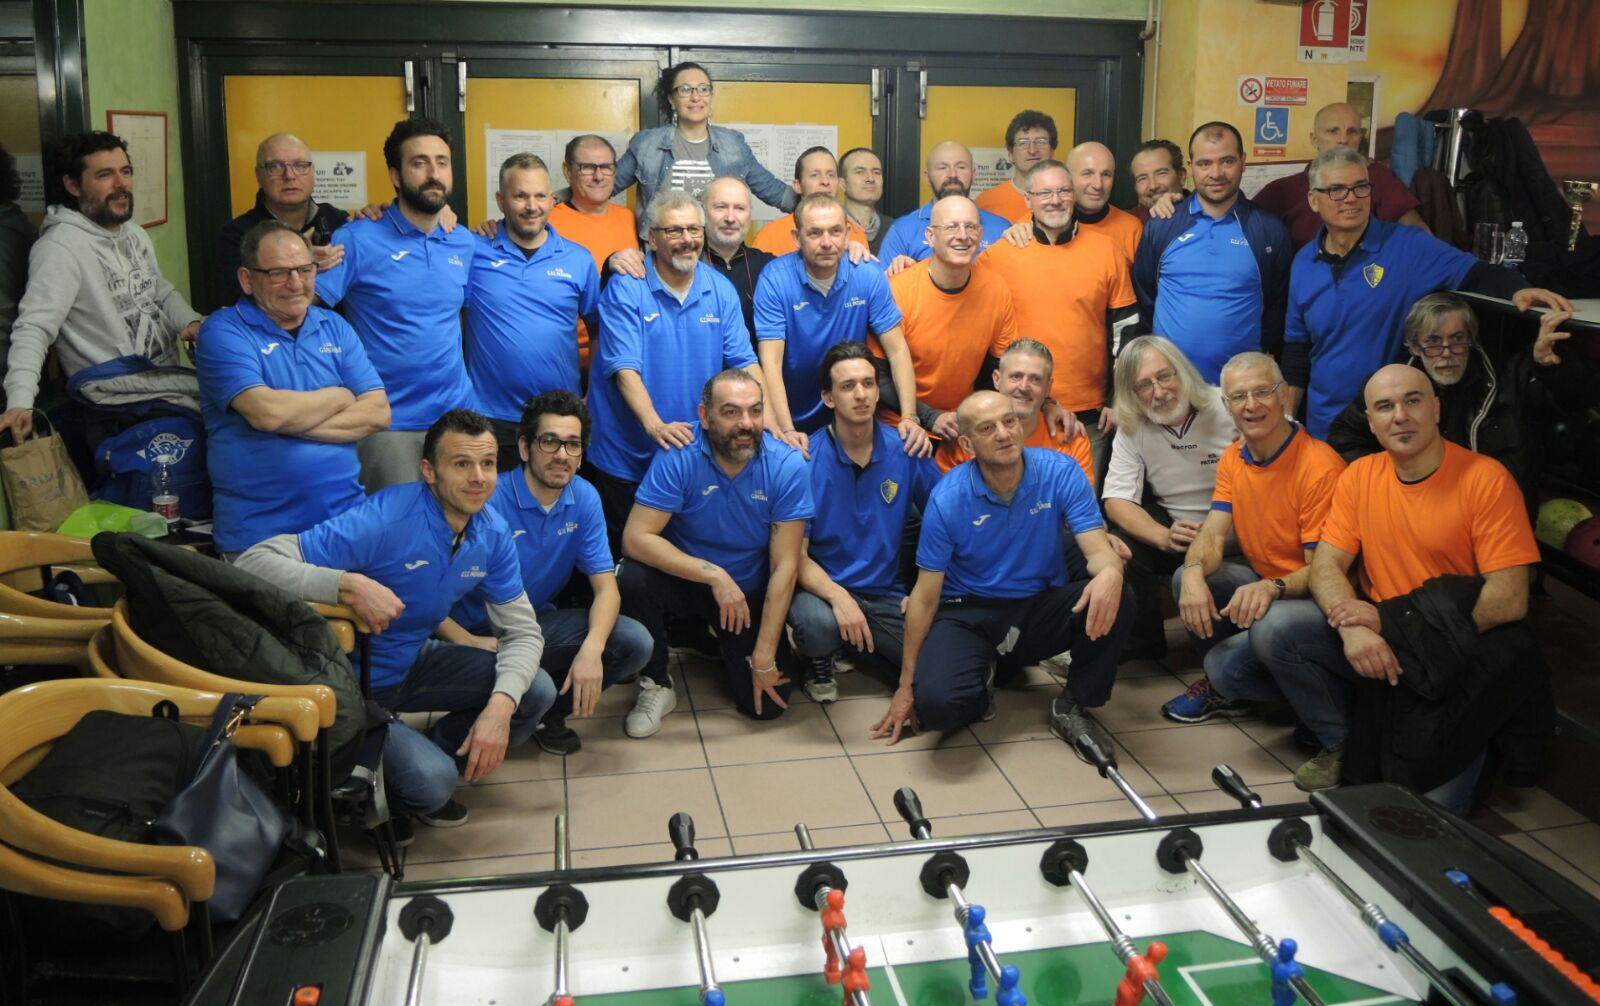 Risultati e foto del Campionato Regionale FSSI di Calciobalilla svoltosi a Rubano